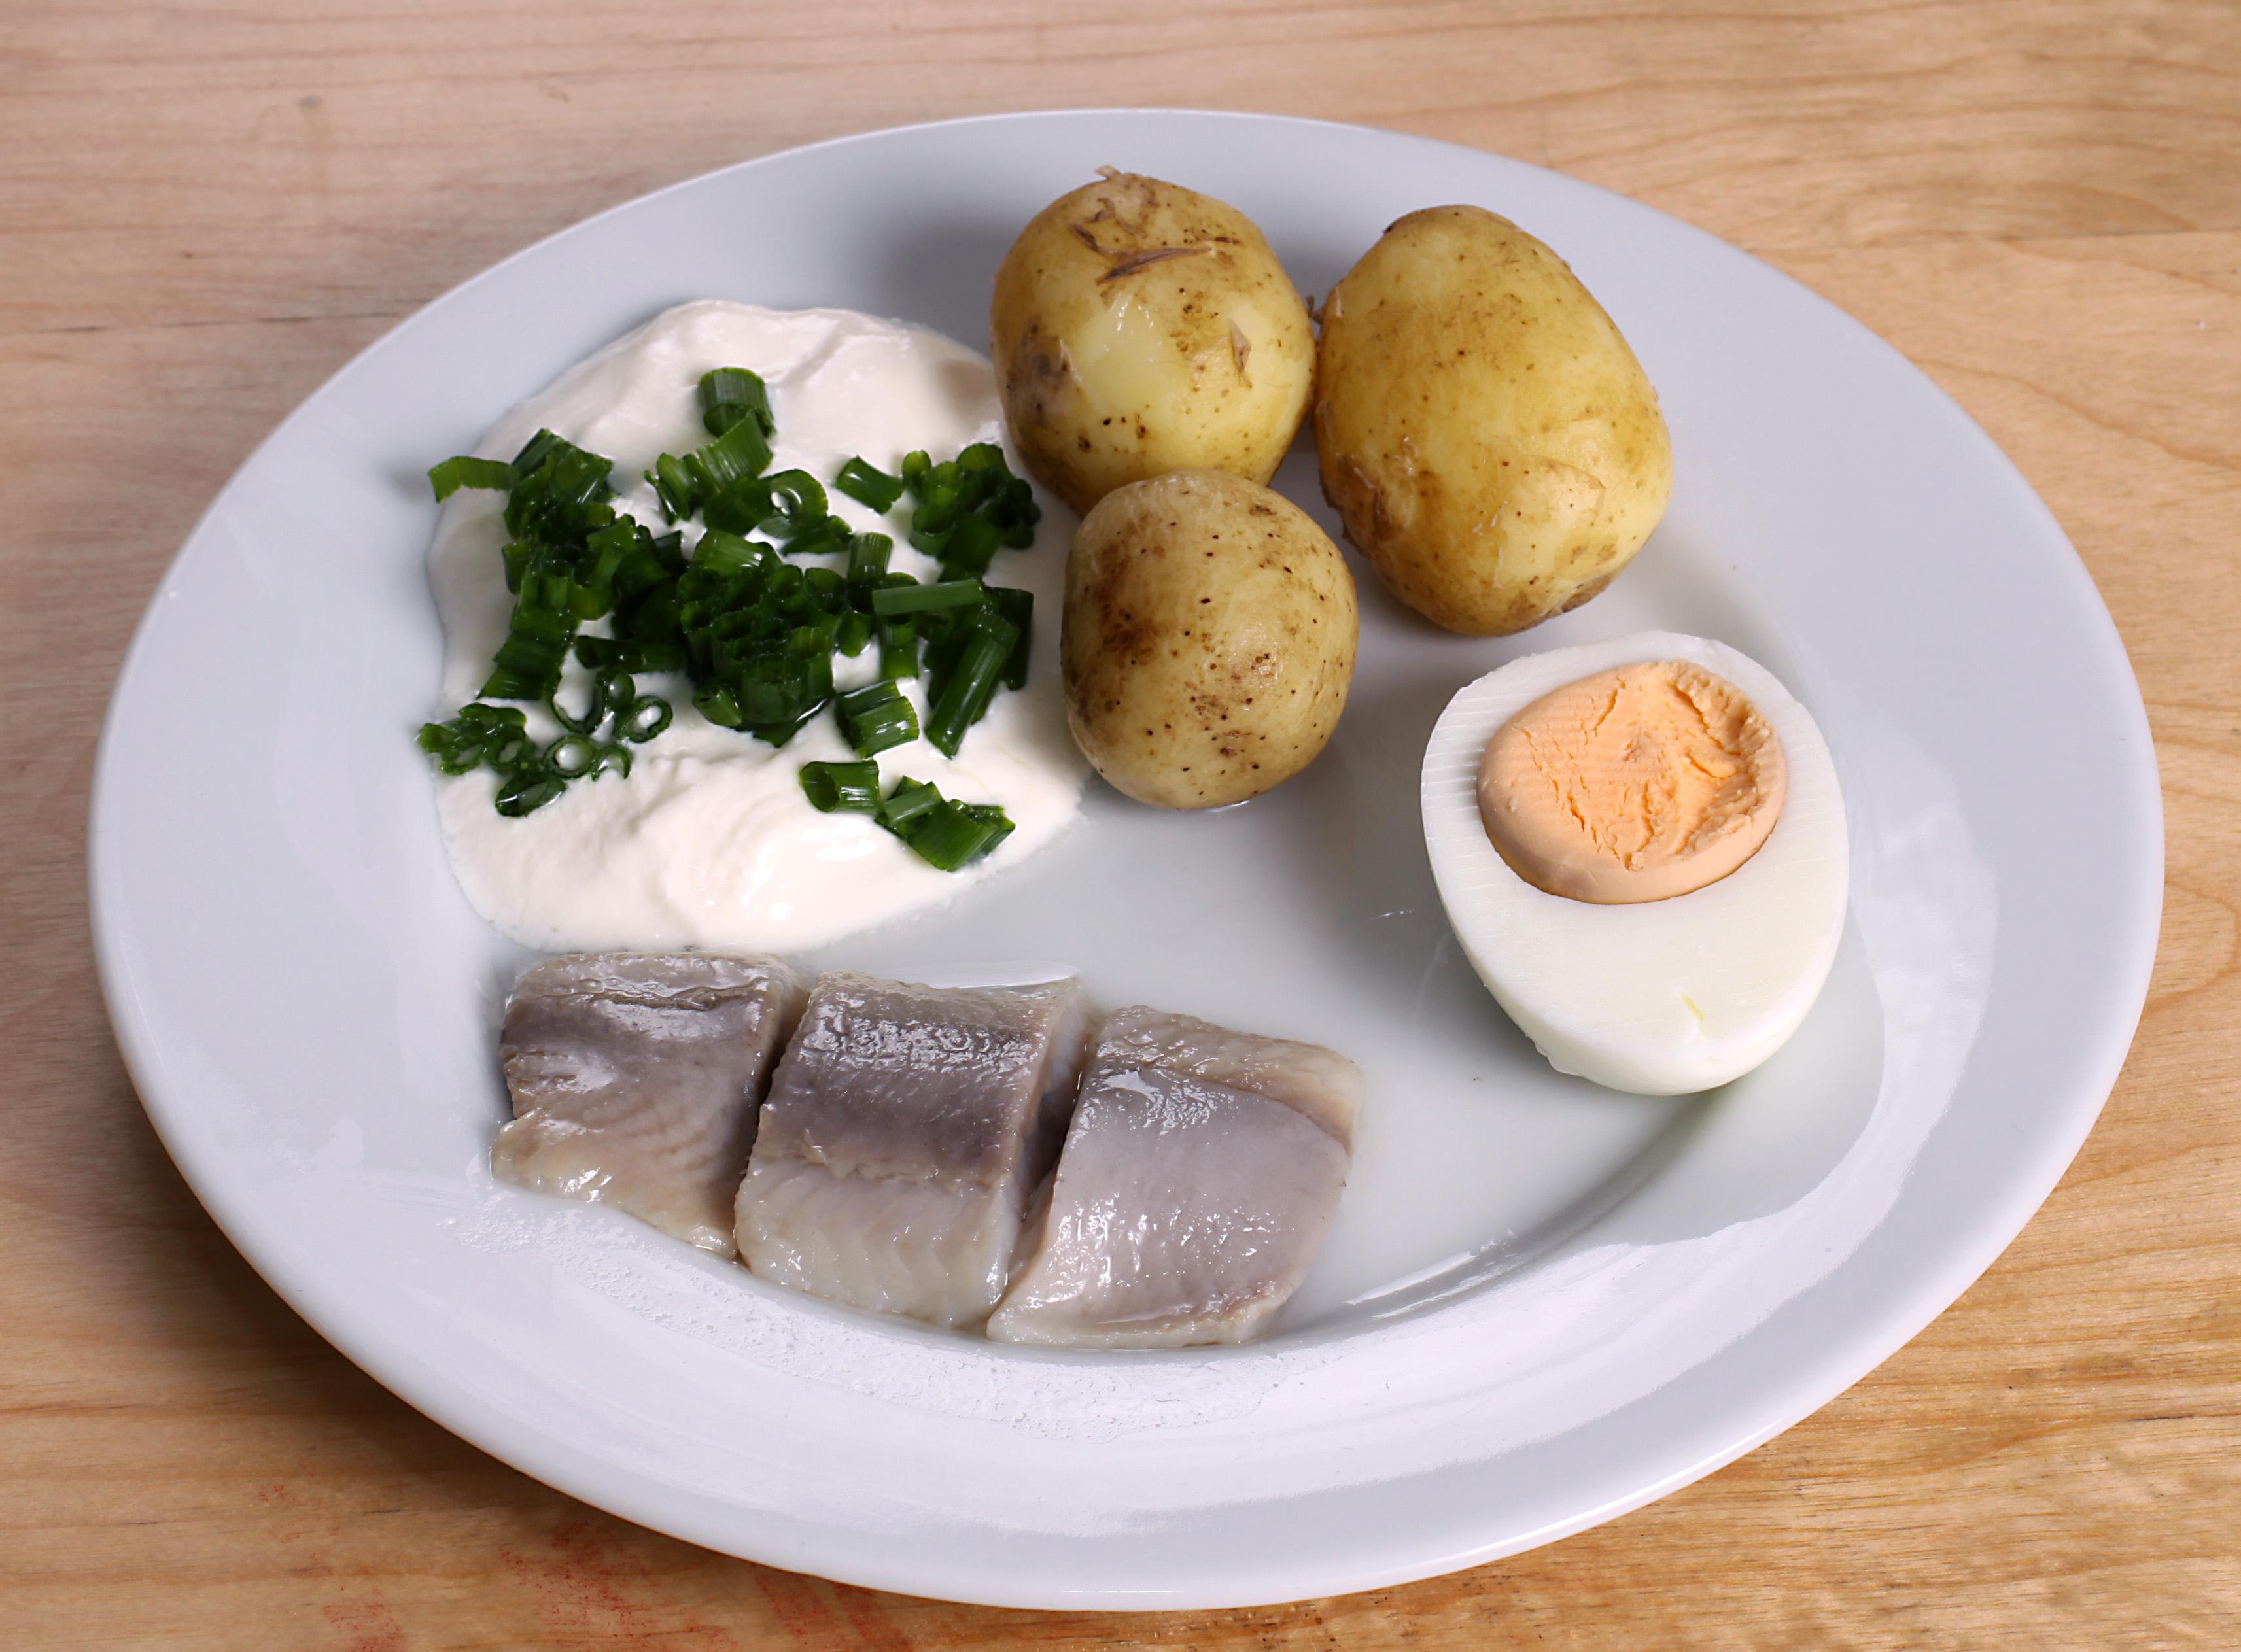 051214-pickled-herring